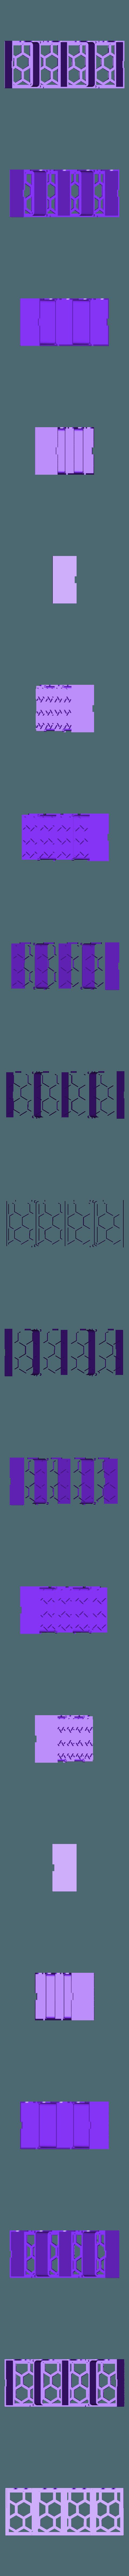 Card_tray_-_small_cards_v2.0.stl Télécharger fichier STL gratuit Plateau de carte d'envahisseur de Zombicide • Plan à imprimer en 3D, gthanatos